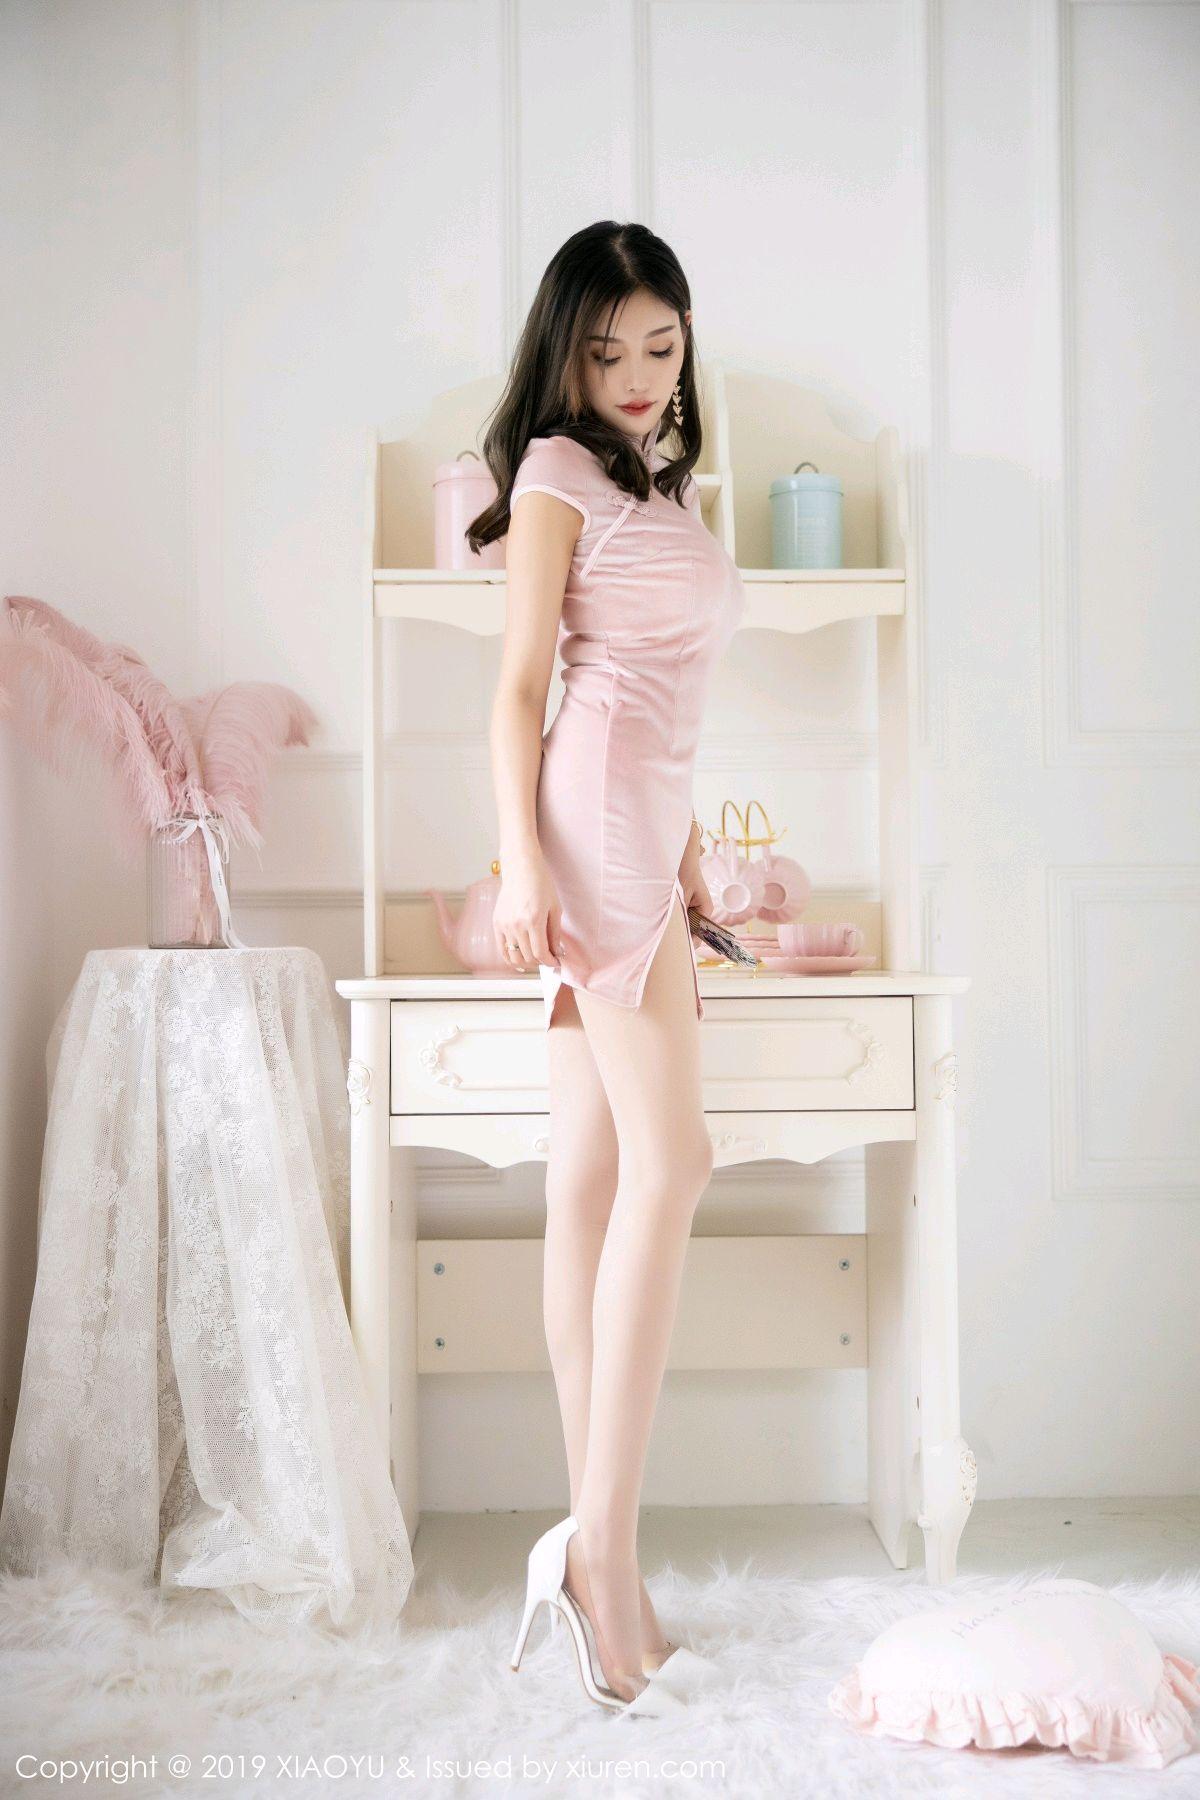 [XiaoYu] Vol.114 Yang Chen Chen 10P, Cheongsam, Foot, XiaoYu, Yang Chen Chen